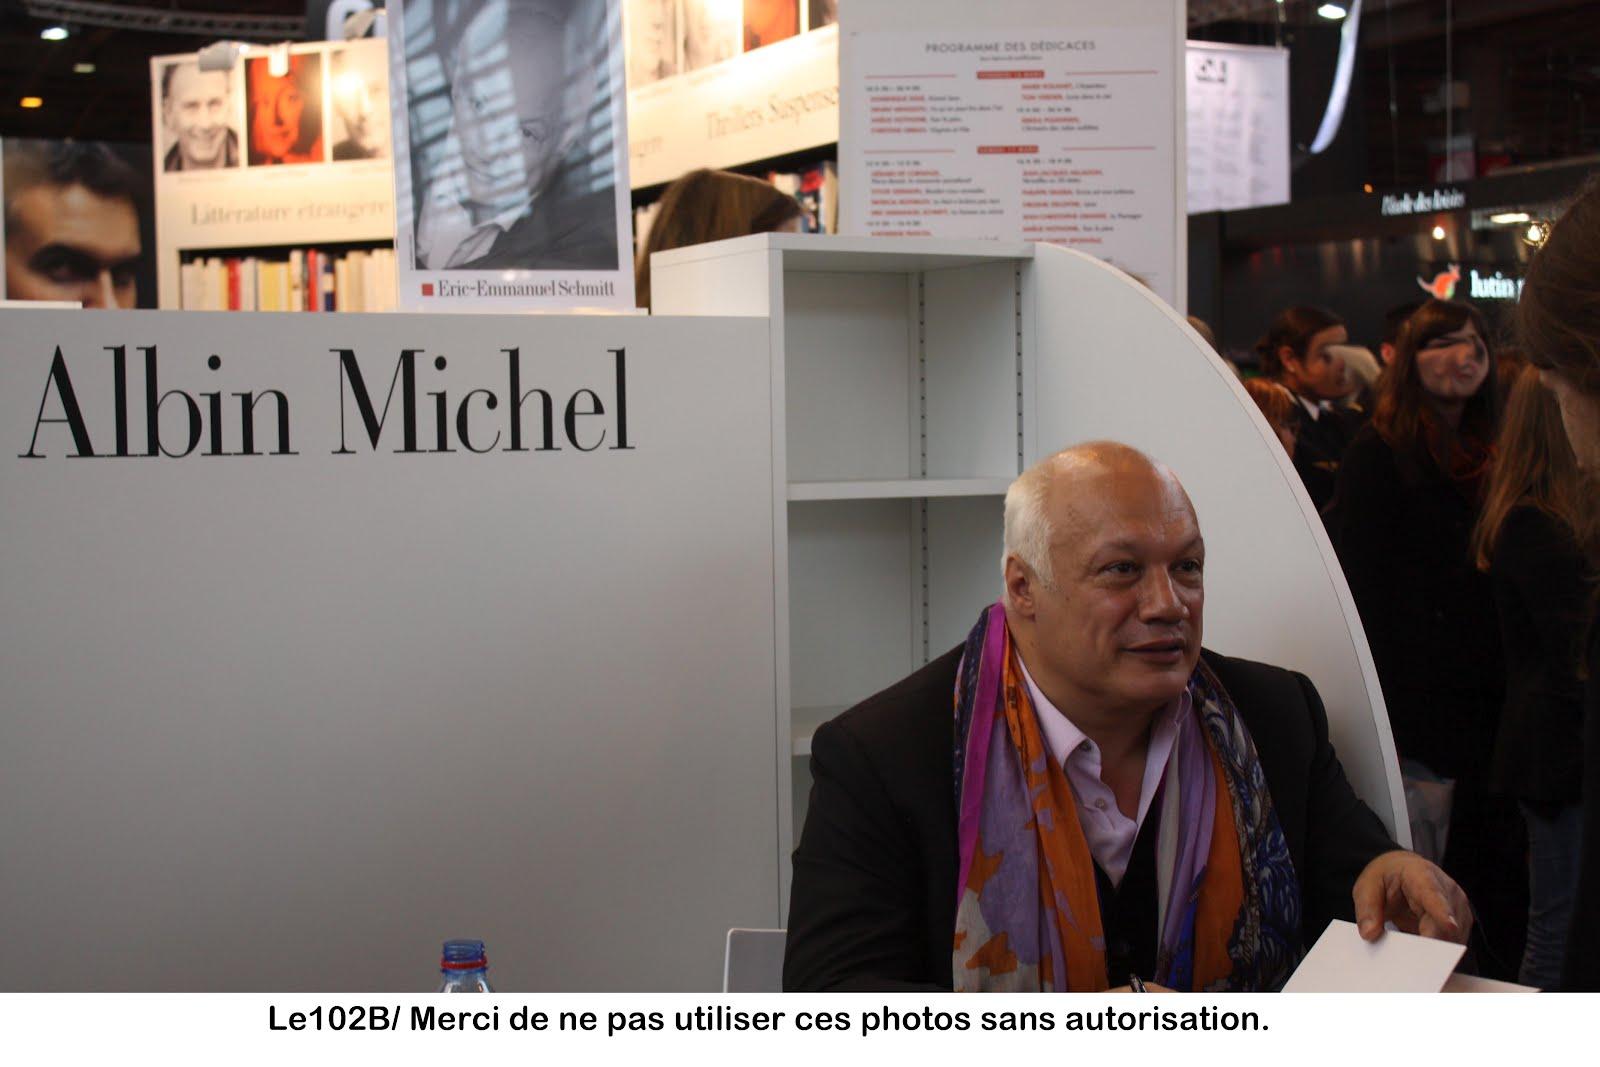 Le 102 me blog autour du livre salon du livre 2012 - Eric emmanuel schmitt et sa compagne ...